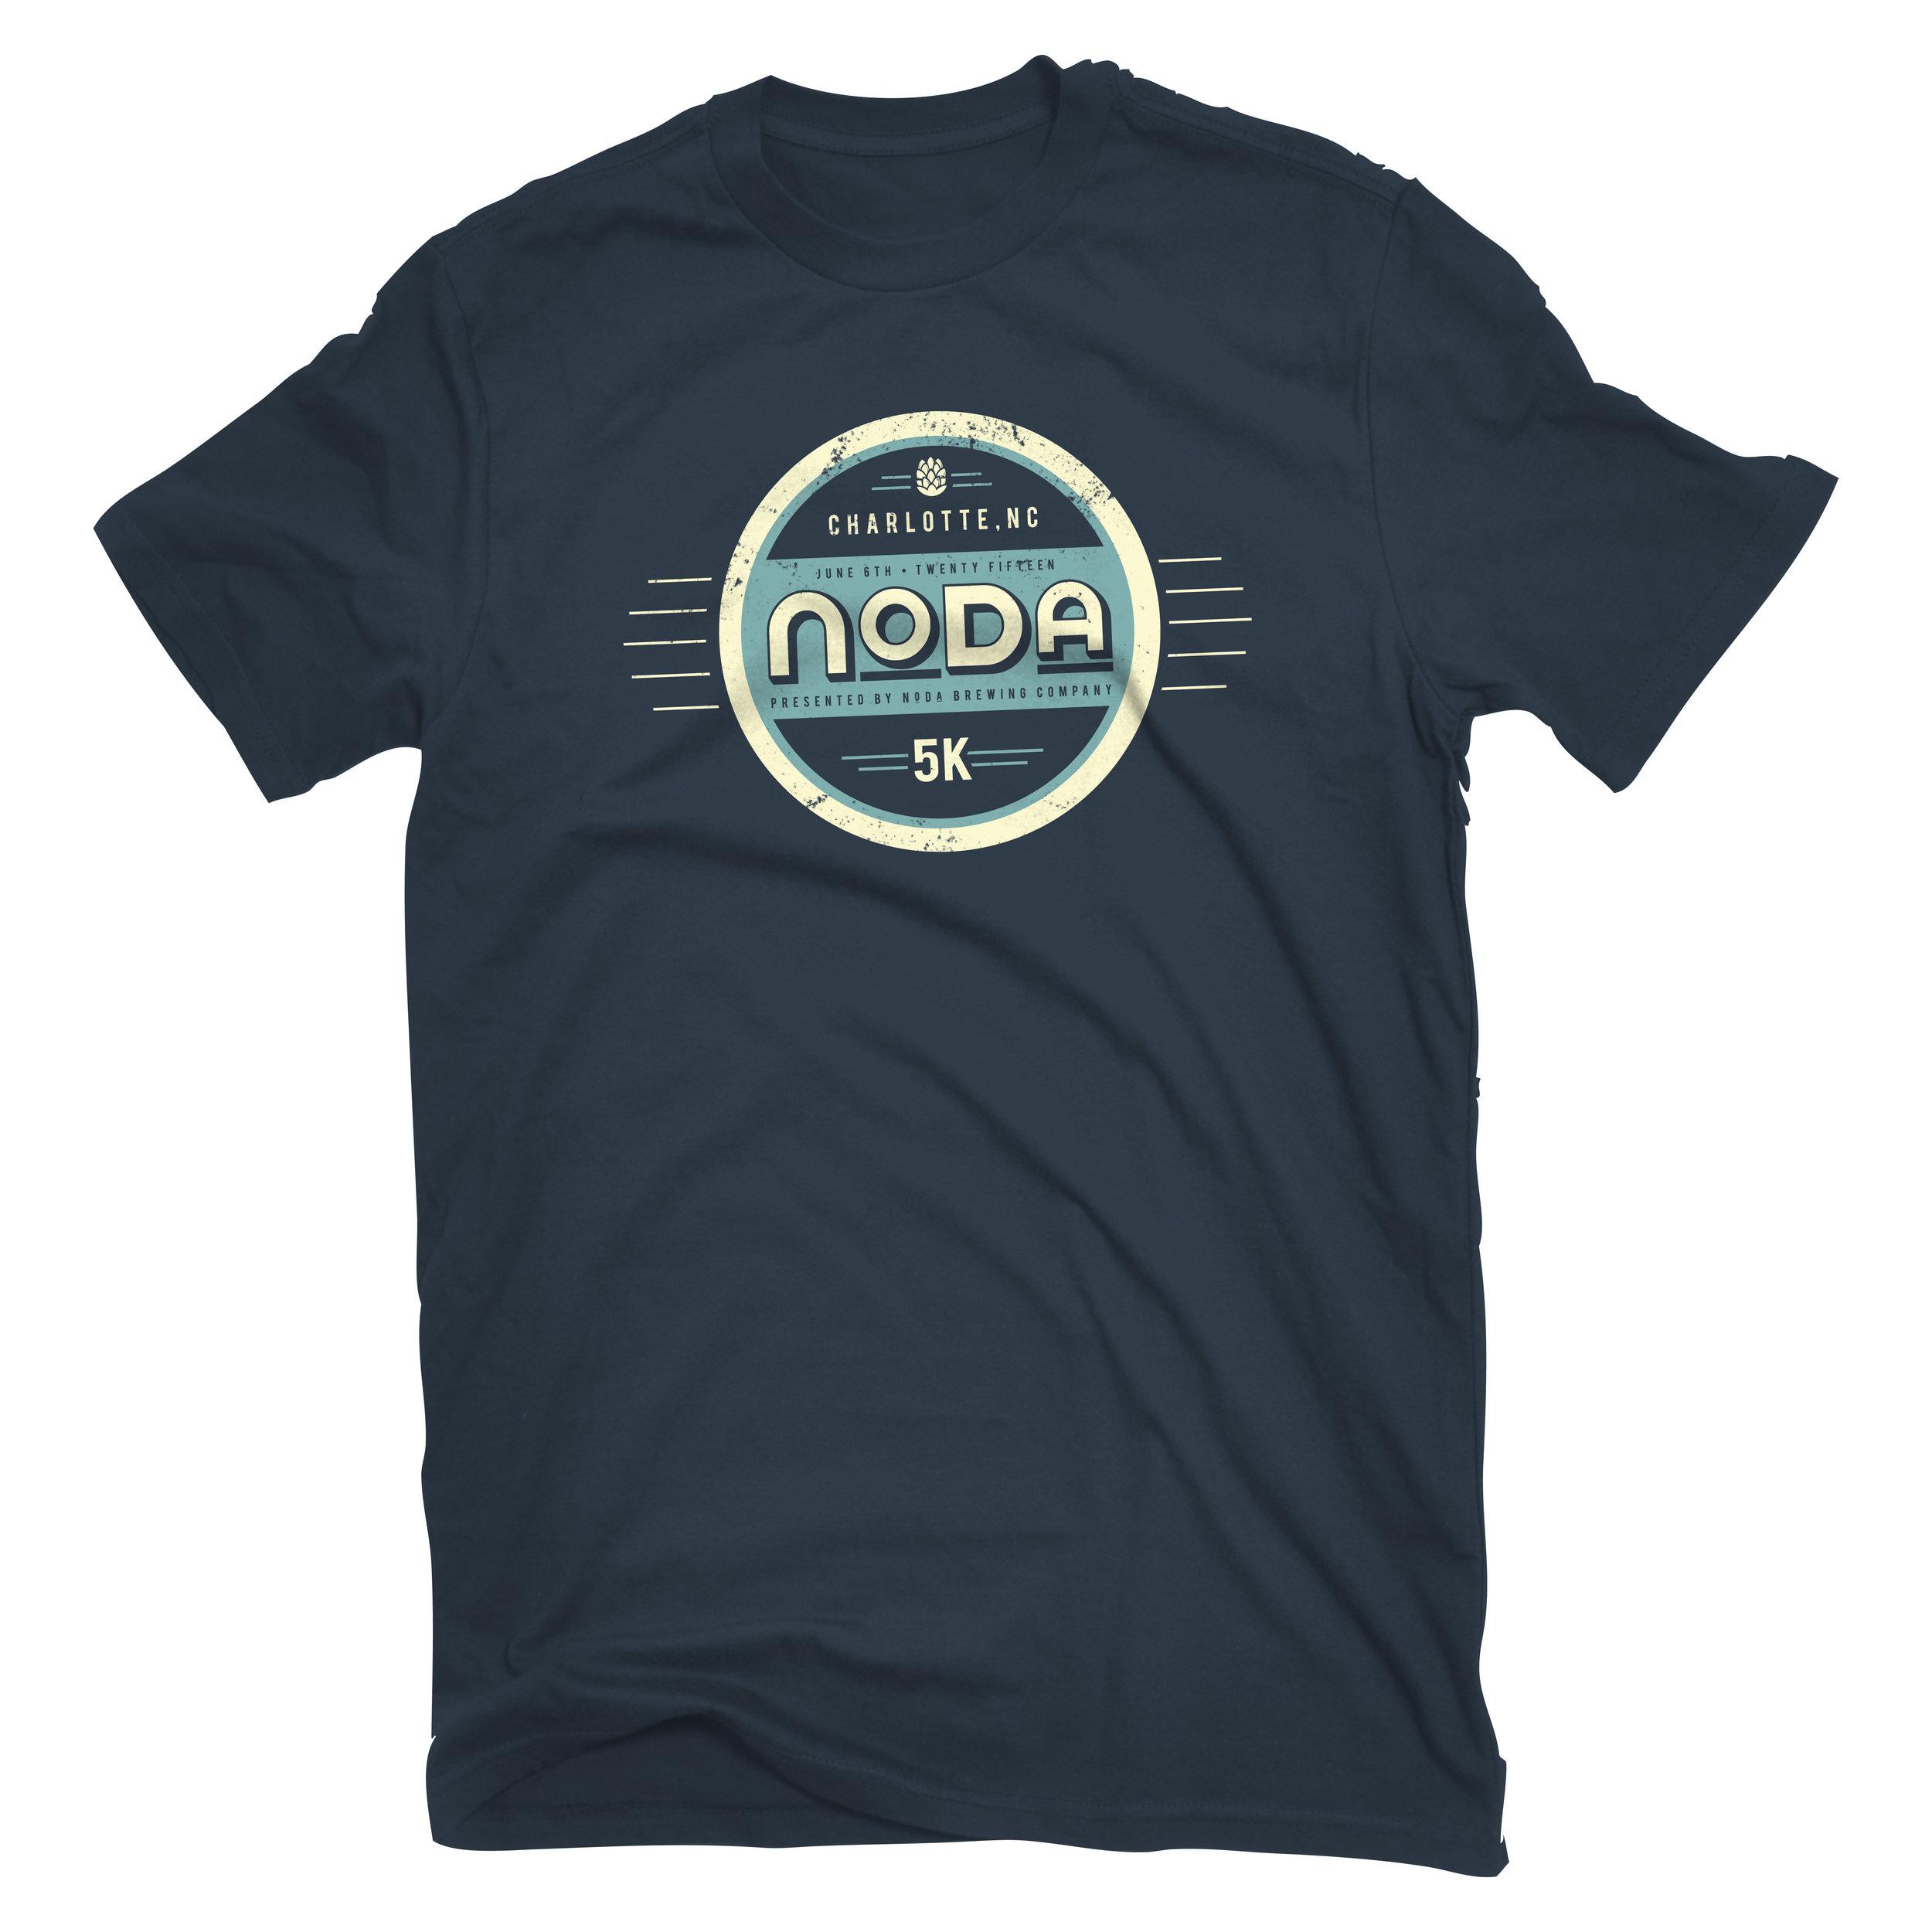 noda-02.jpg